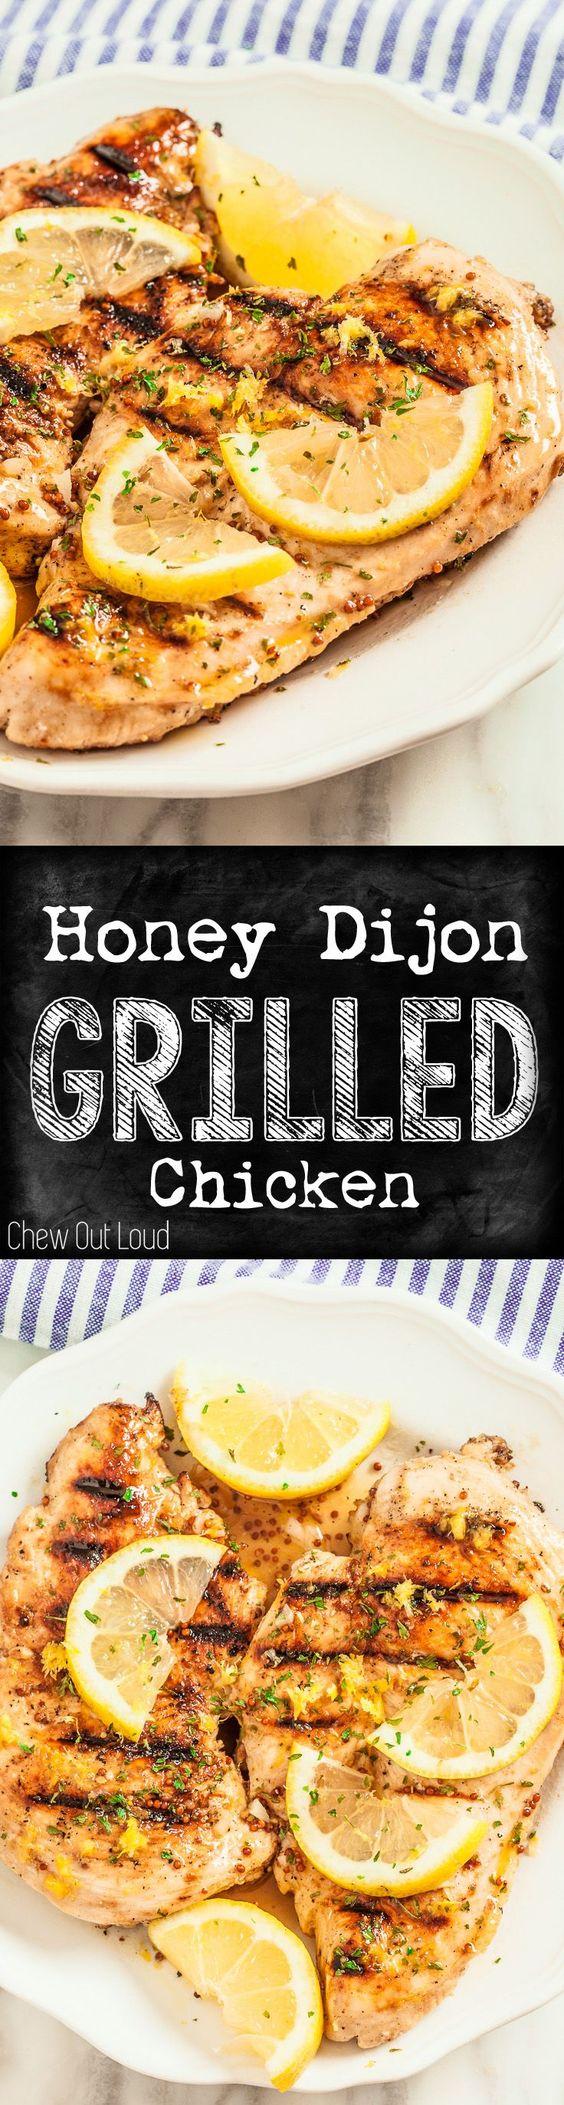 Lemon Dijon Grilled Chicken | Recipe | Recipes Dinner, Lemon and Honey